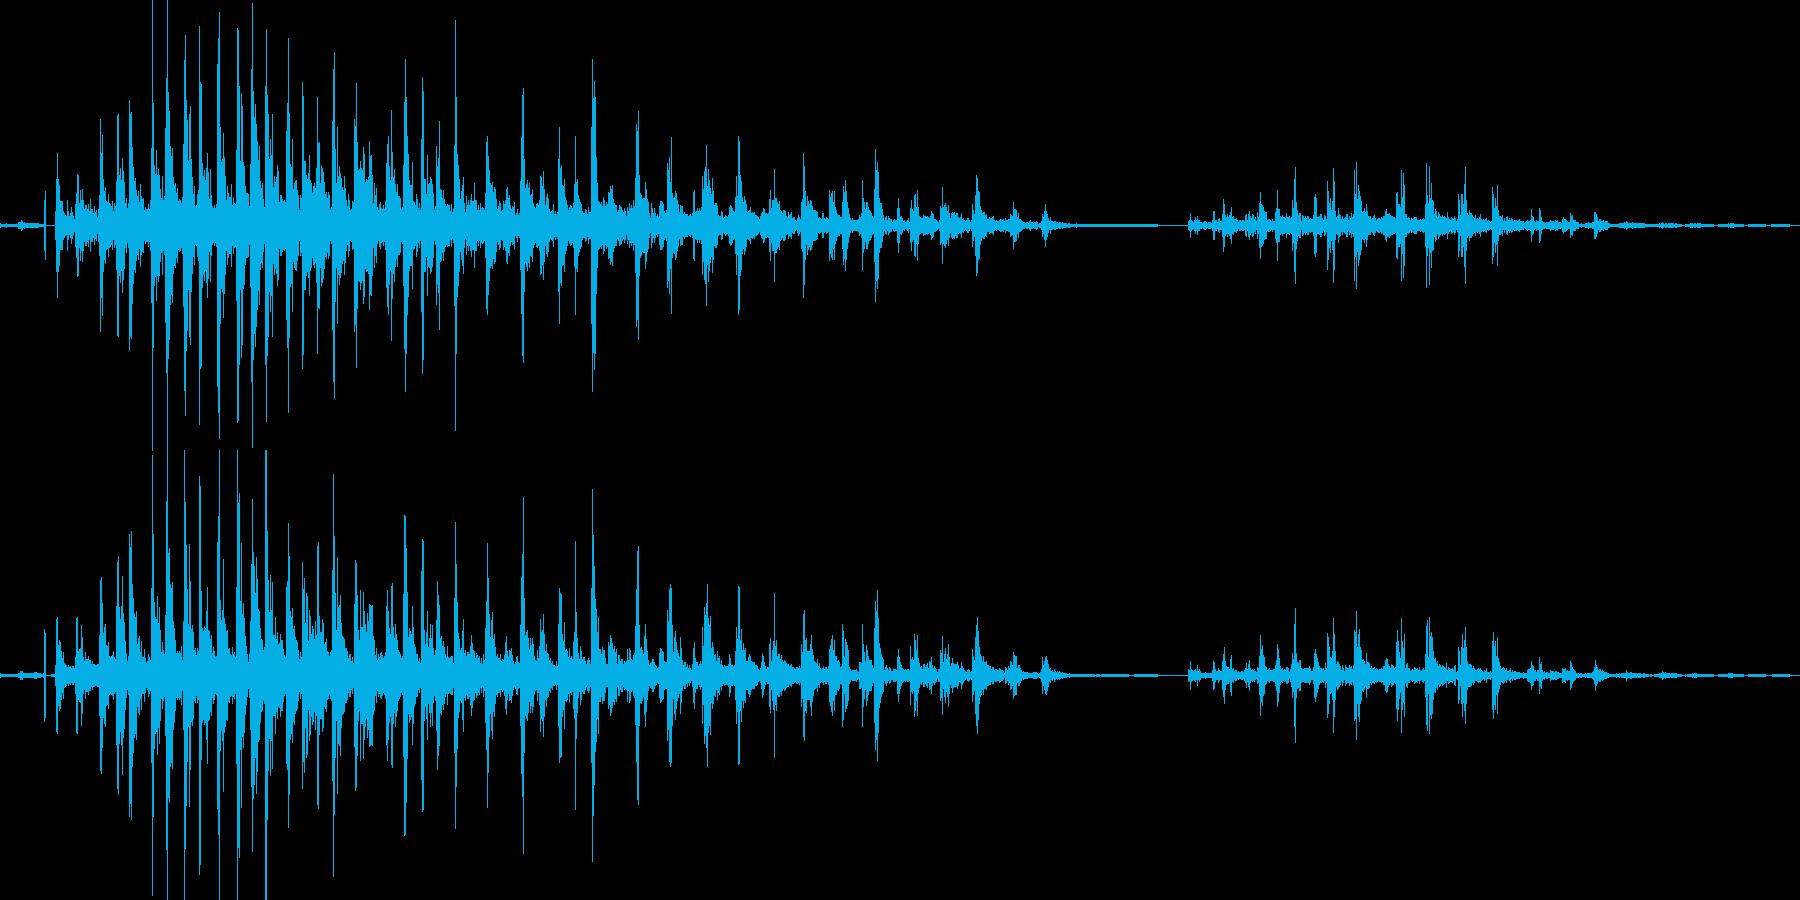 骸骨戦士の骨の音(カタカタと軽い音)の再生済みの波形